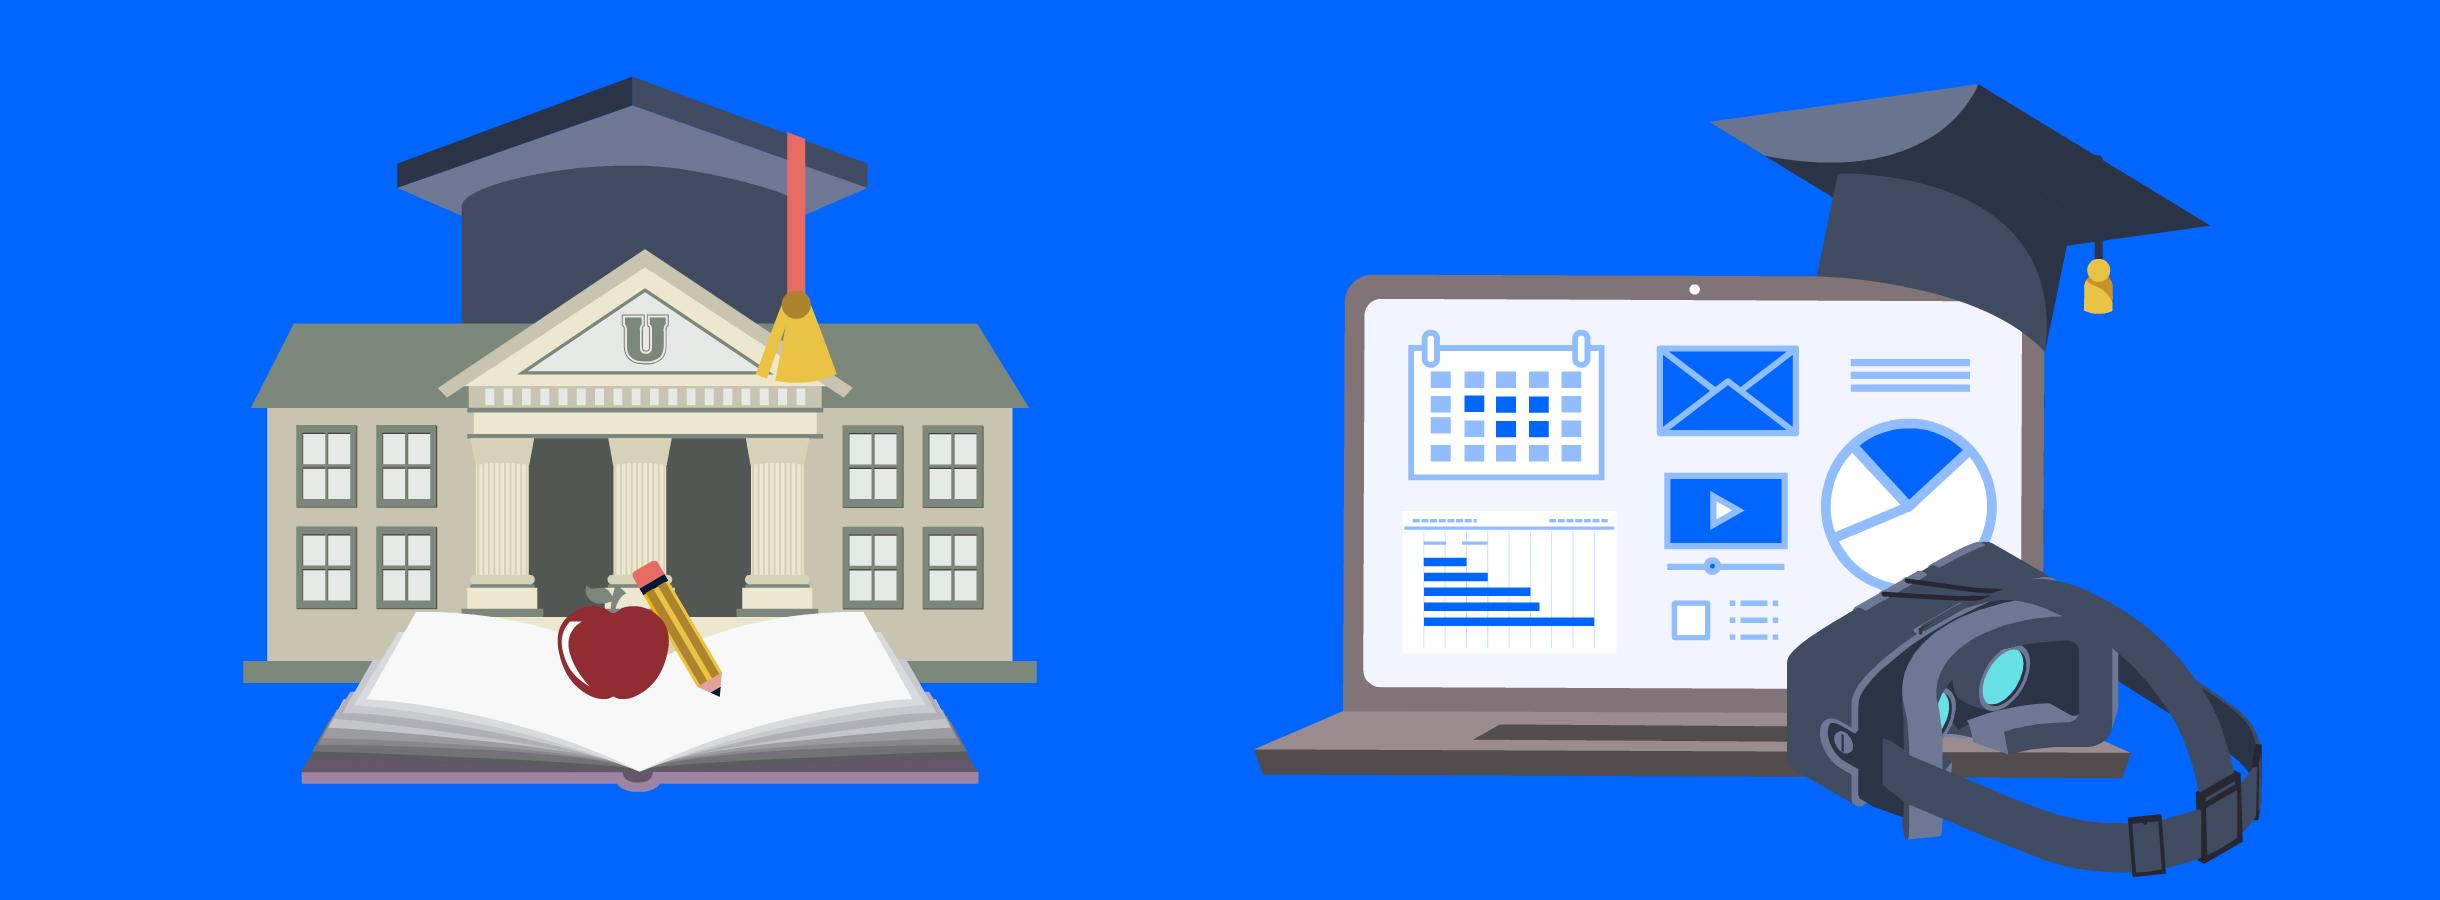 ¿Una revisión del papel de las universidades? Tradición vs. nuevas formas de educación